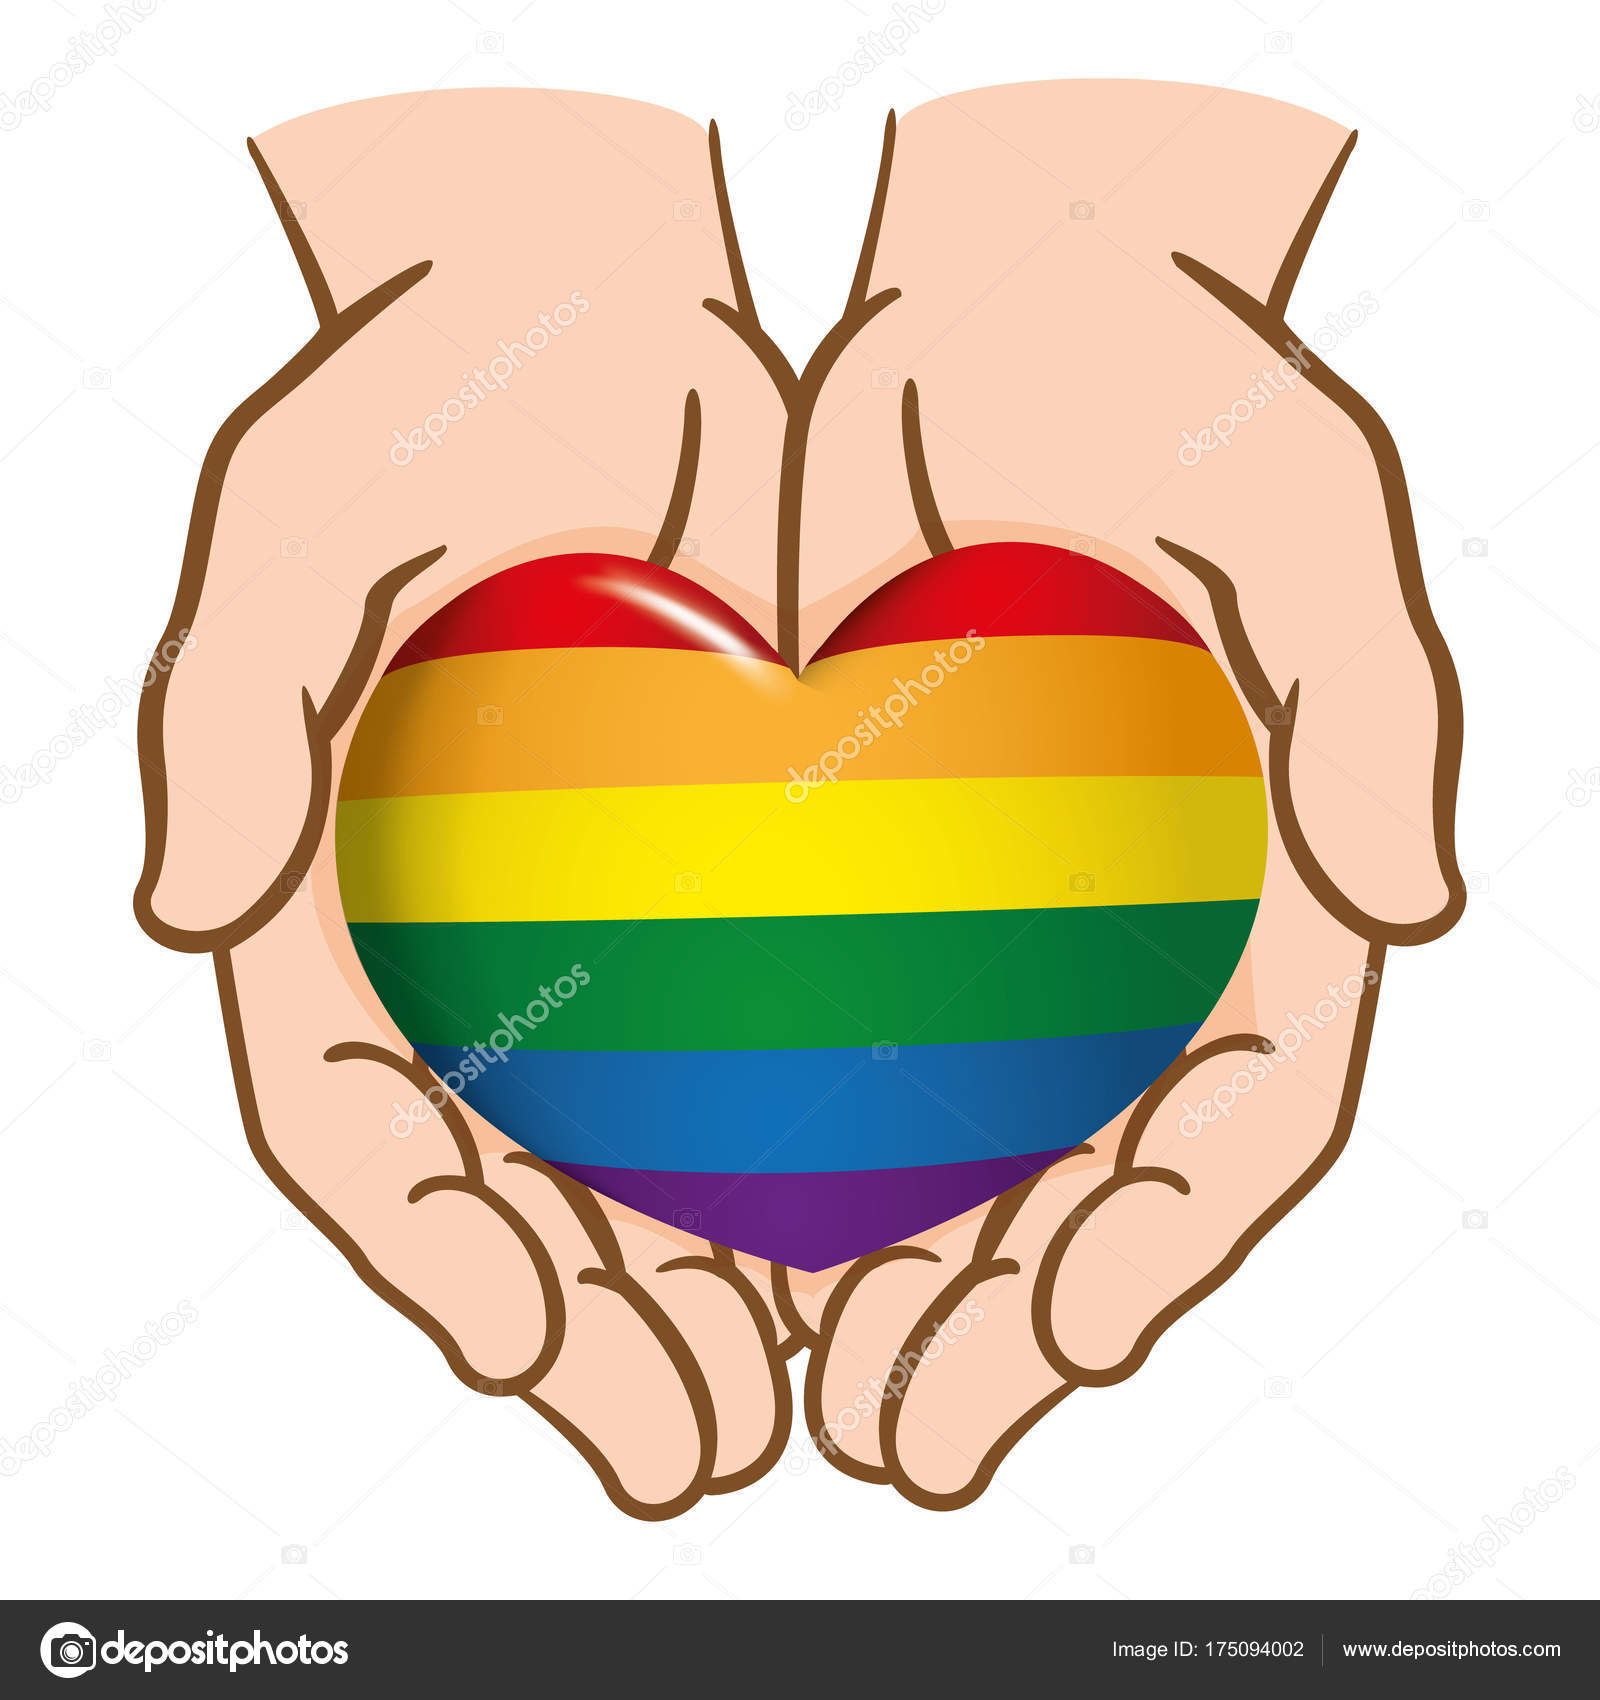 Dibujo Las Manos Juntos Entregar Corazón Lgbt Gay Caucásica Ideal ...